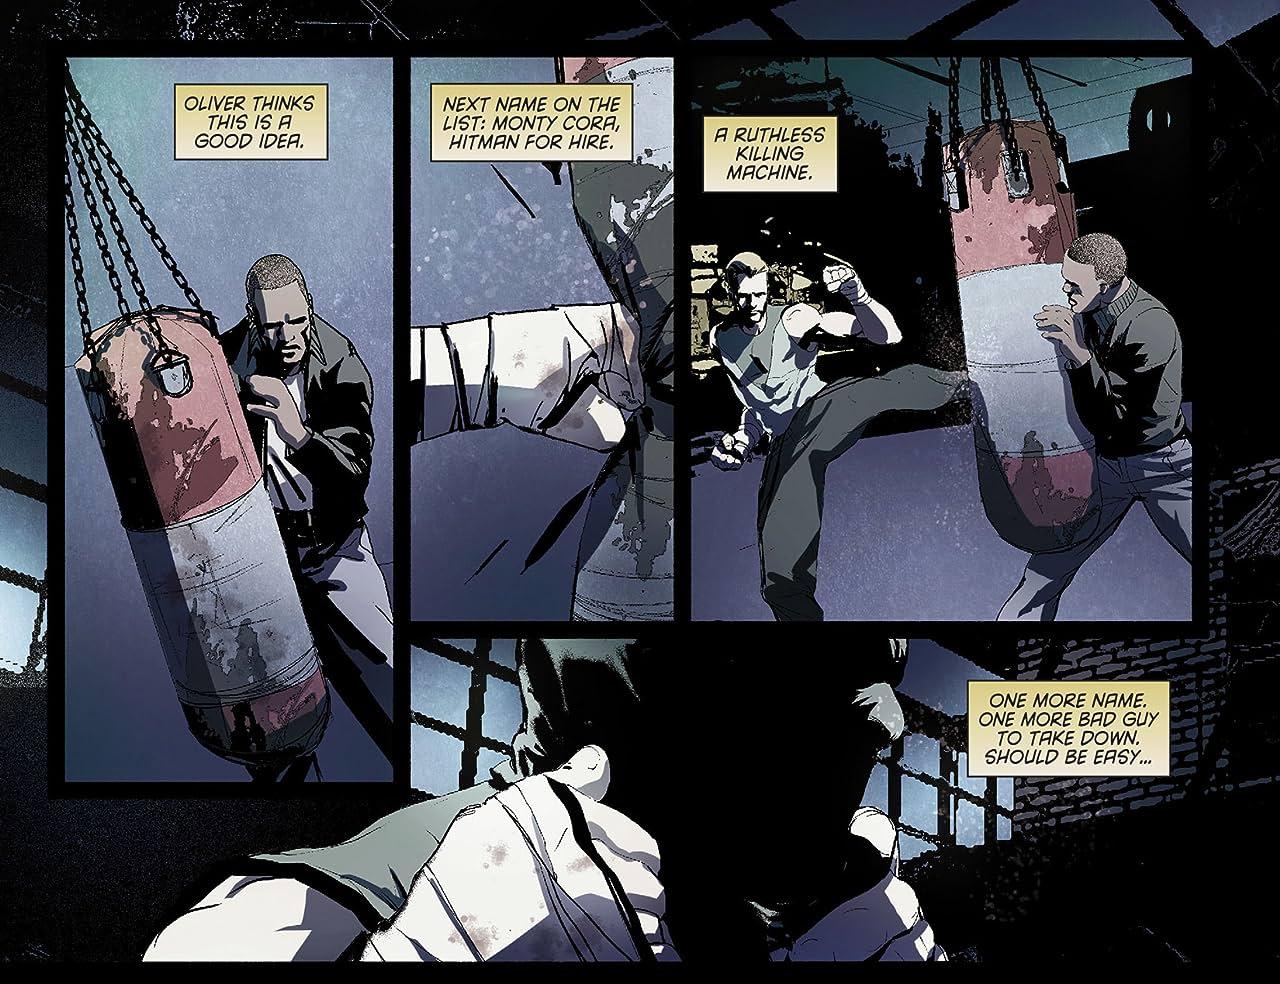 Arrow (2012-2013) #10